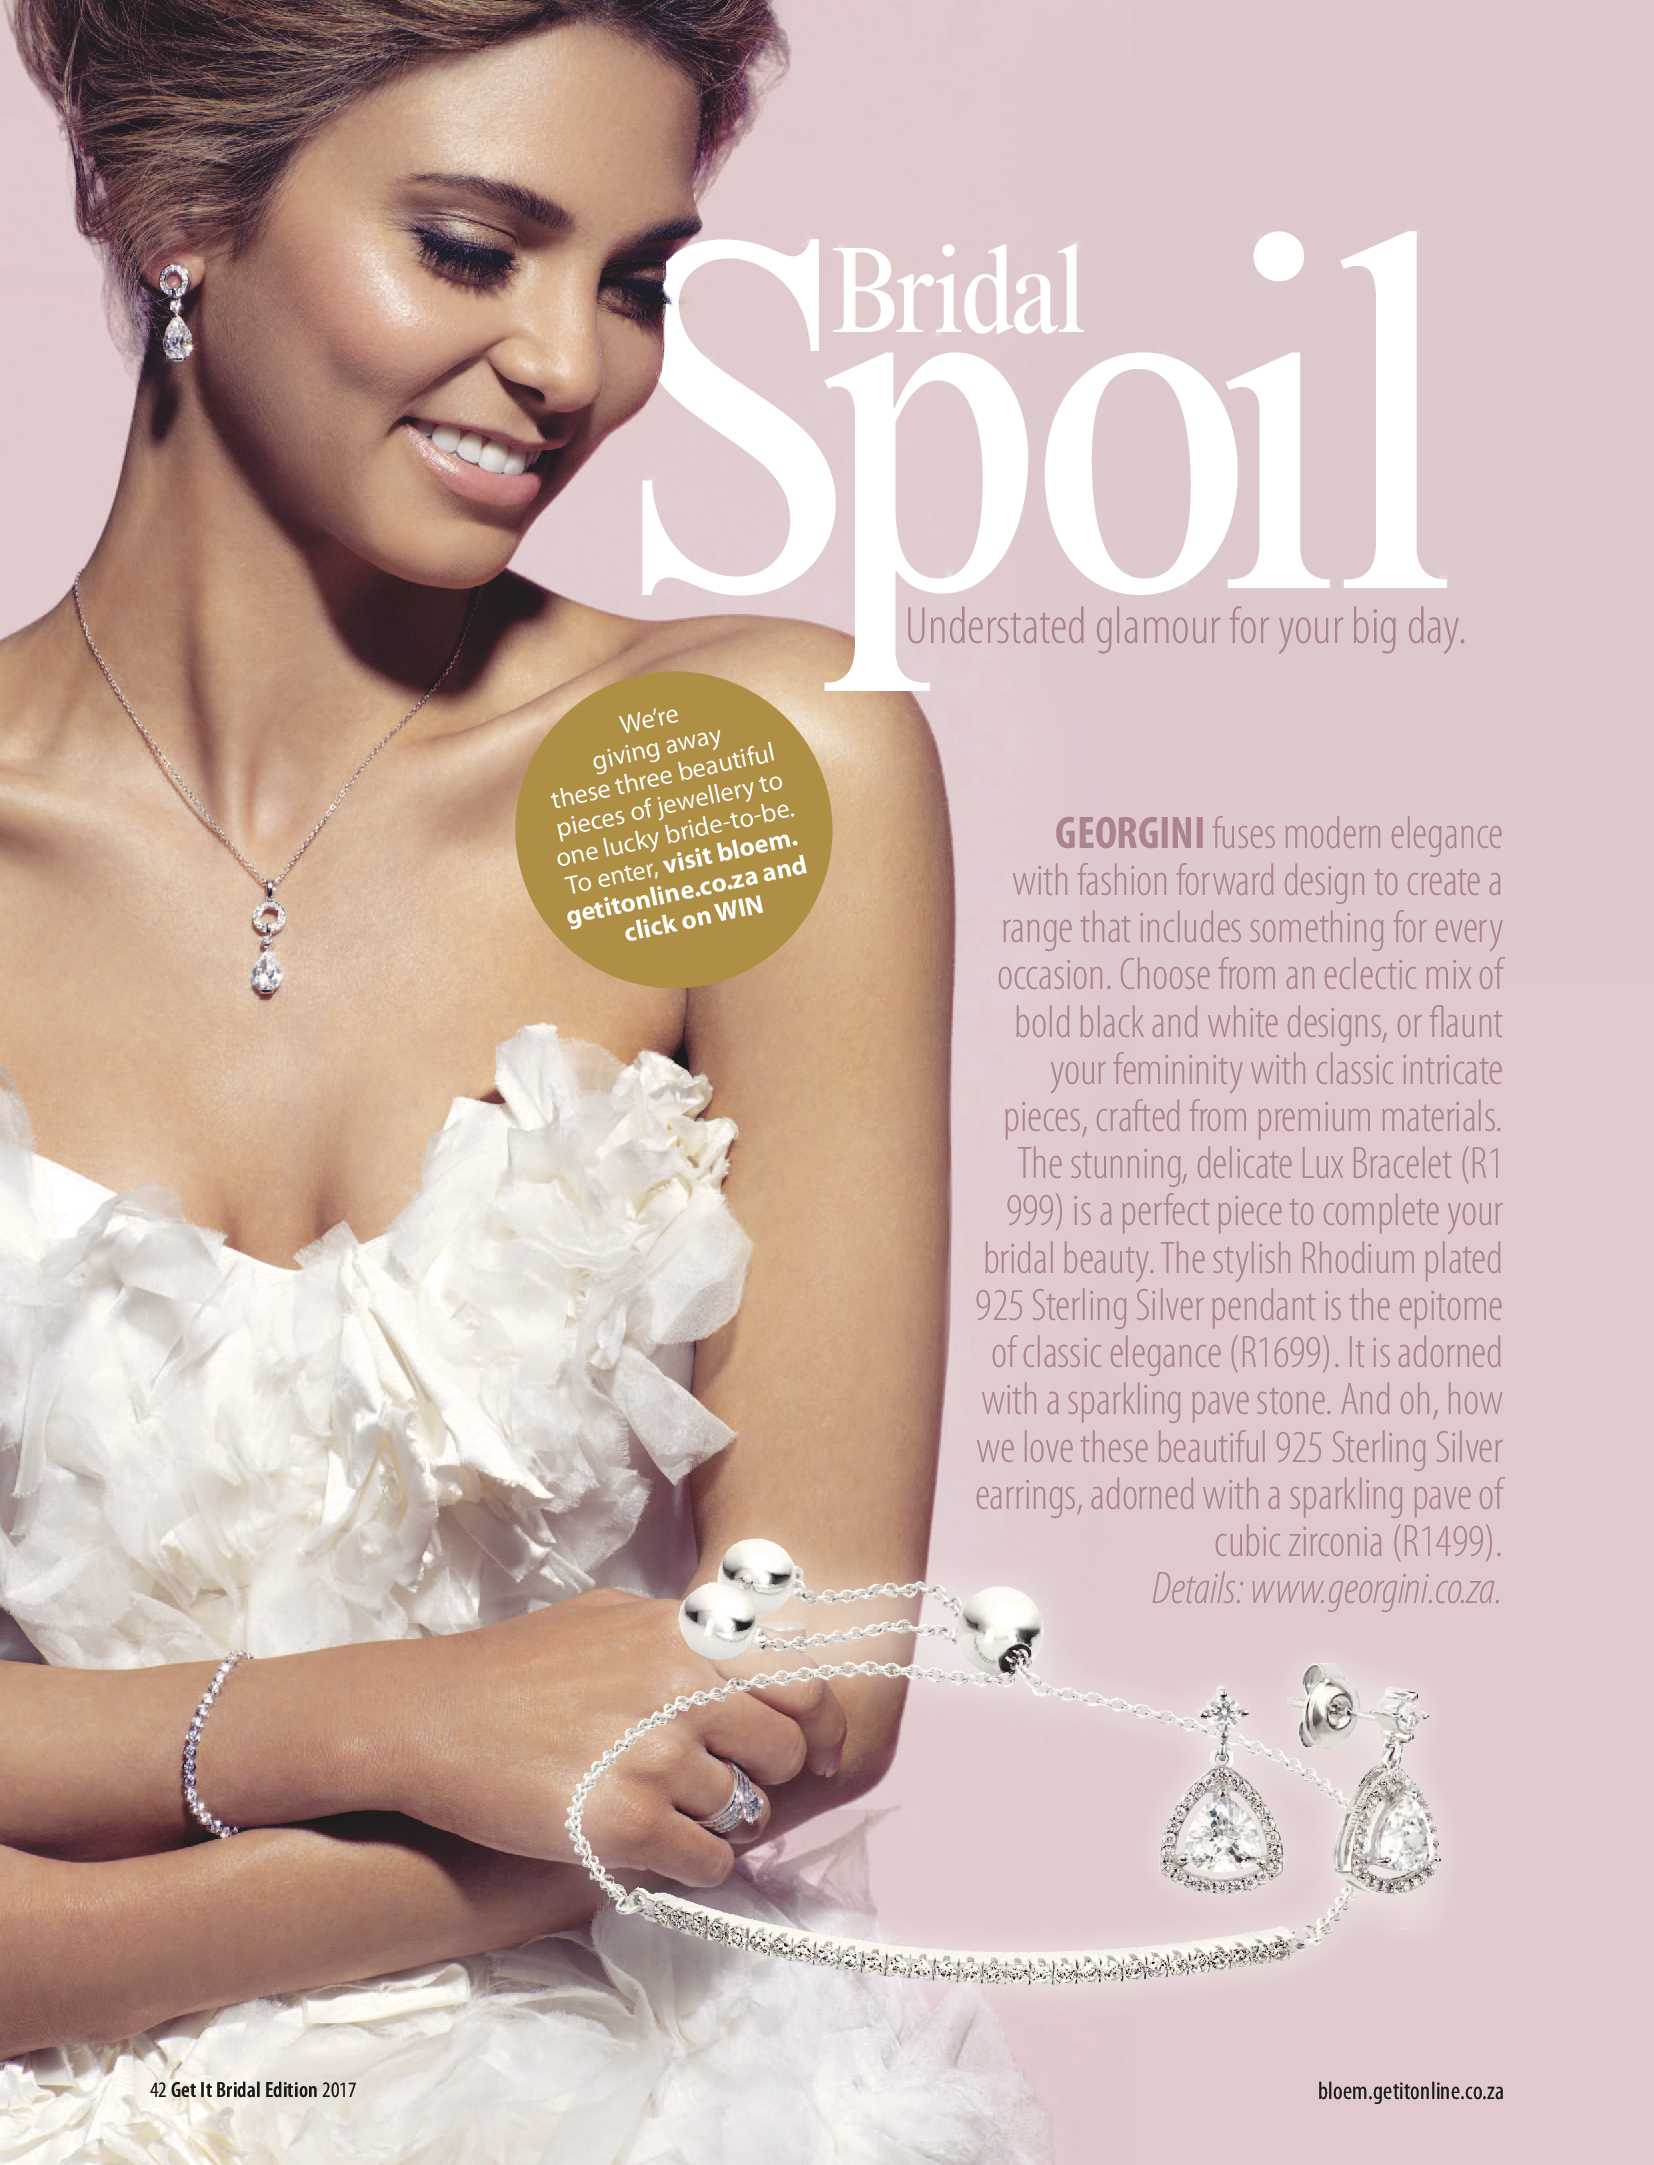 get-bloemfontein-bridal-2017-epapers-page-42